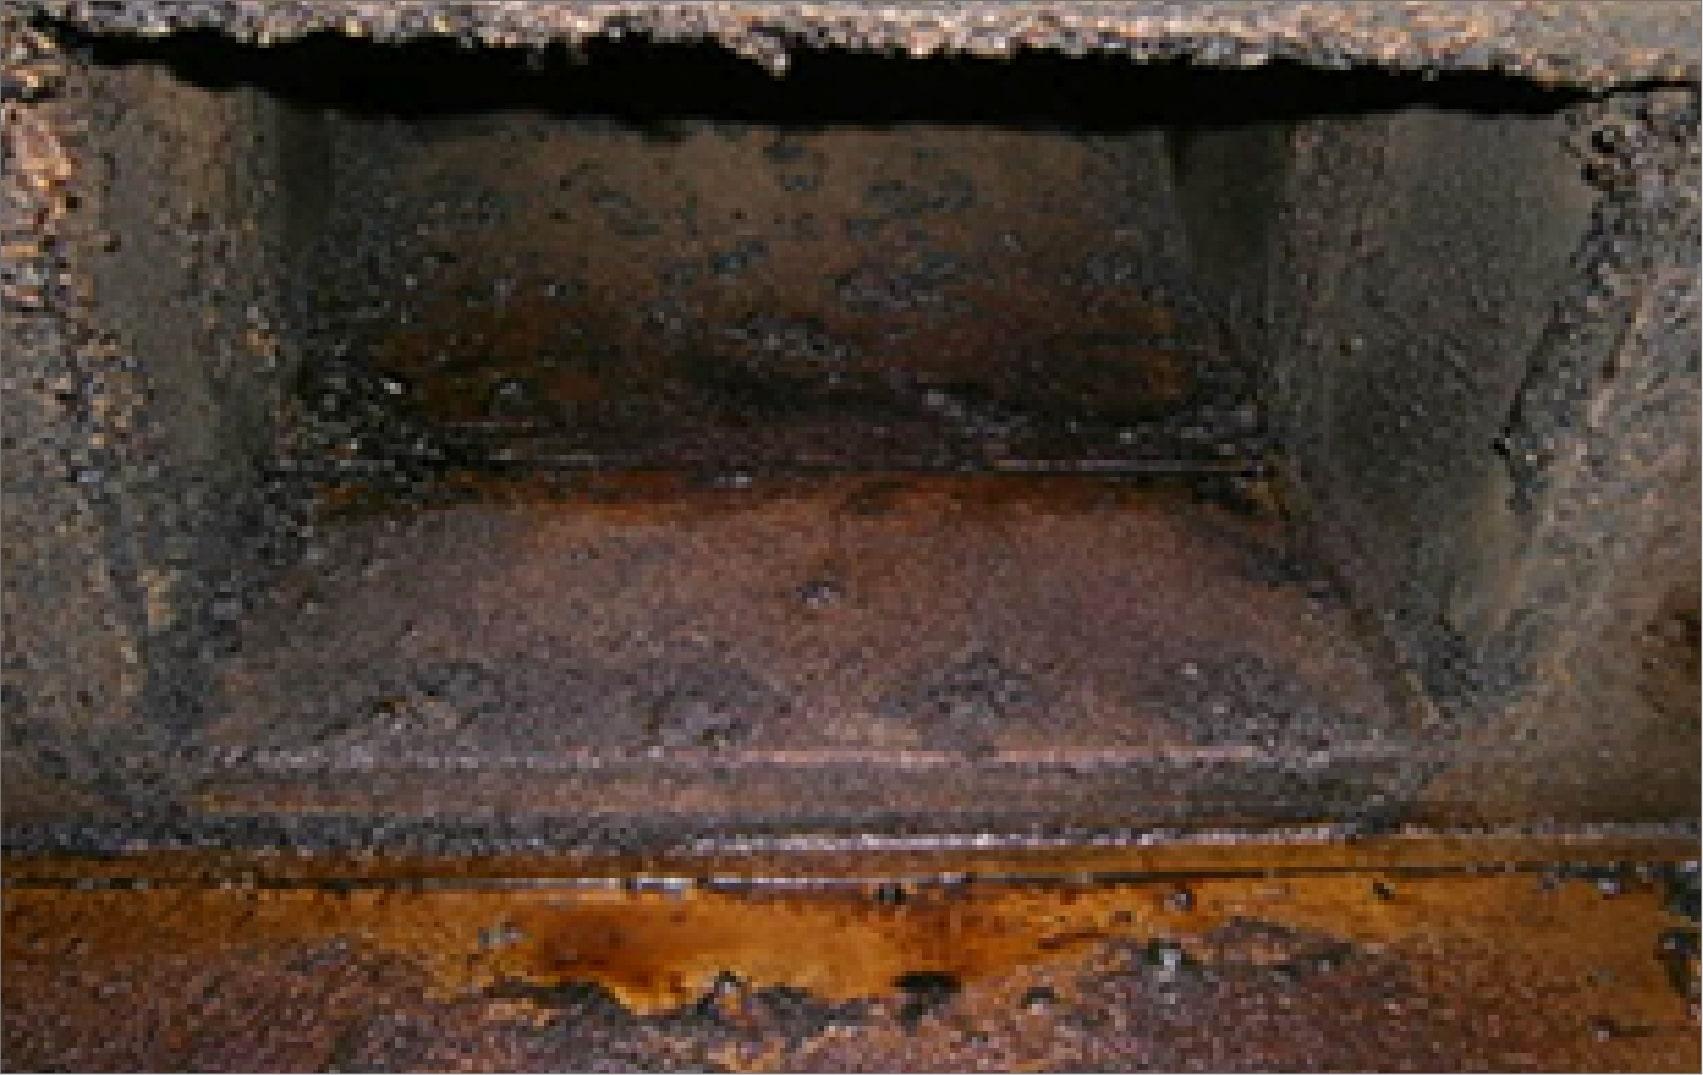 清掃する前の汚れている空調機部分の2種類目